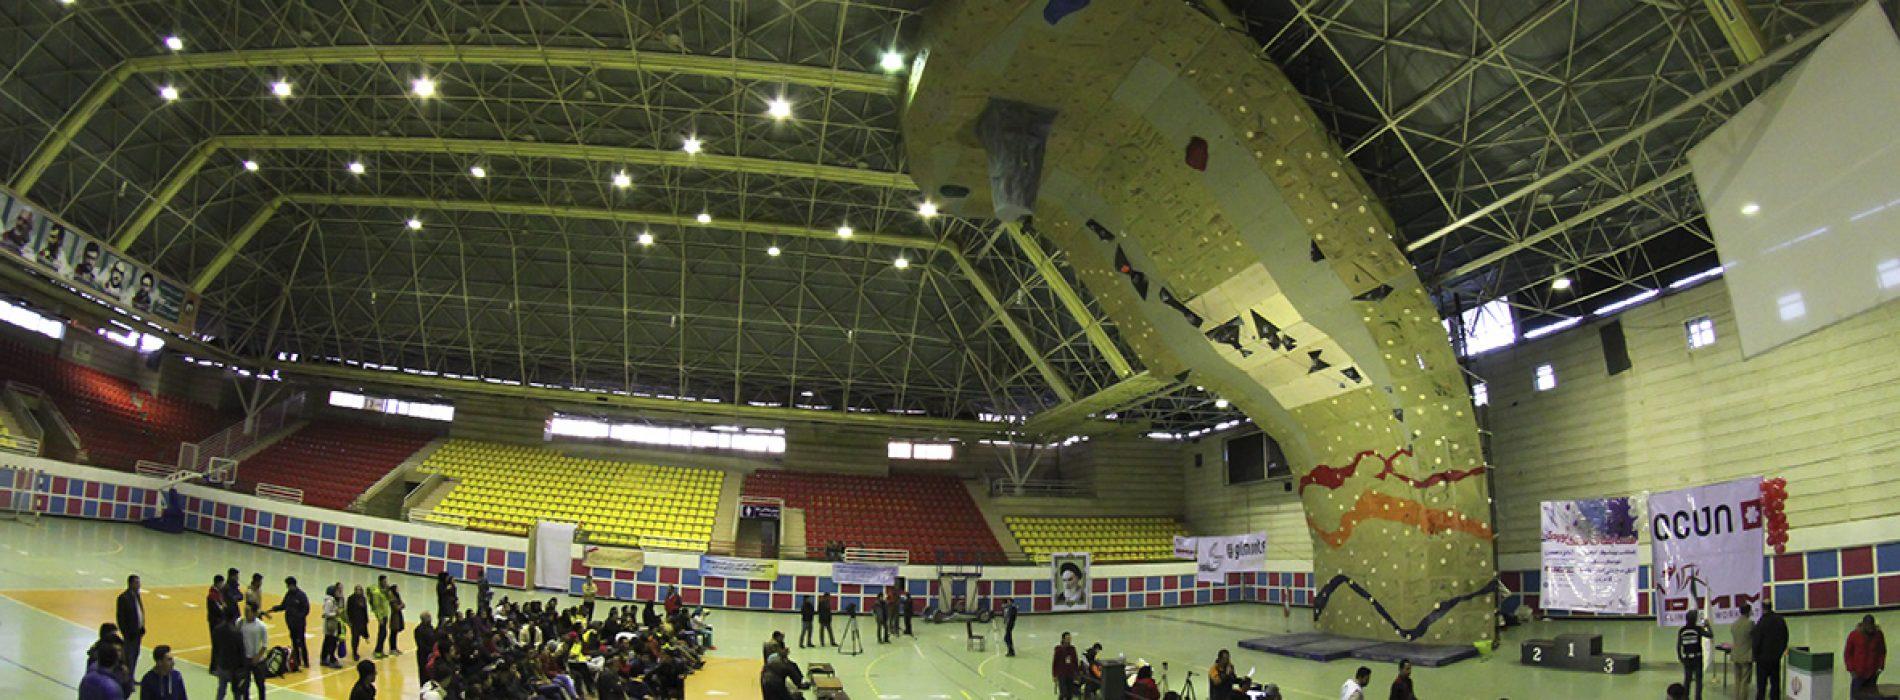 برترین های مسابقات سنگنوردی قهرمانی کشور «جوانان» در سمنان مشخص شدند